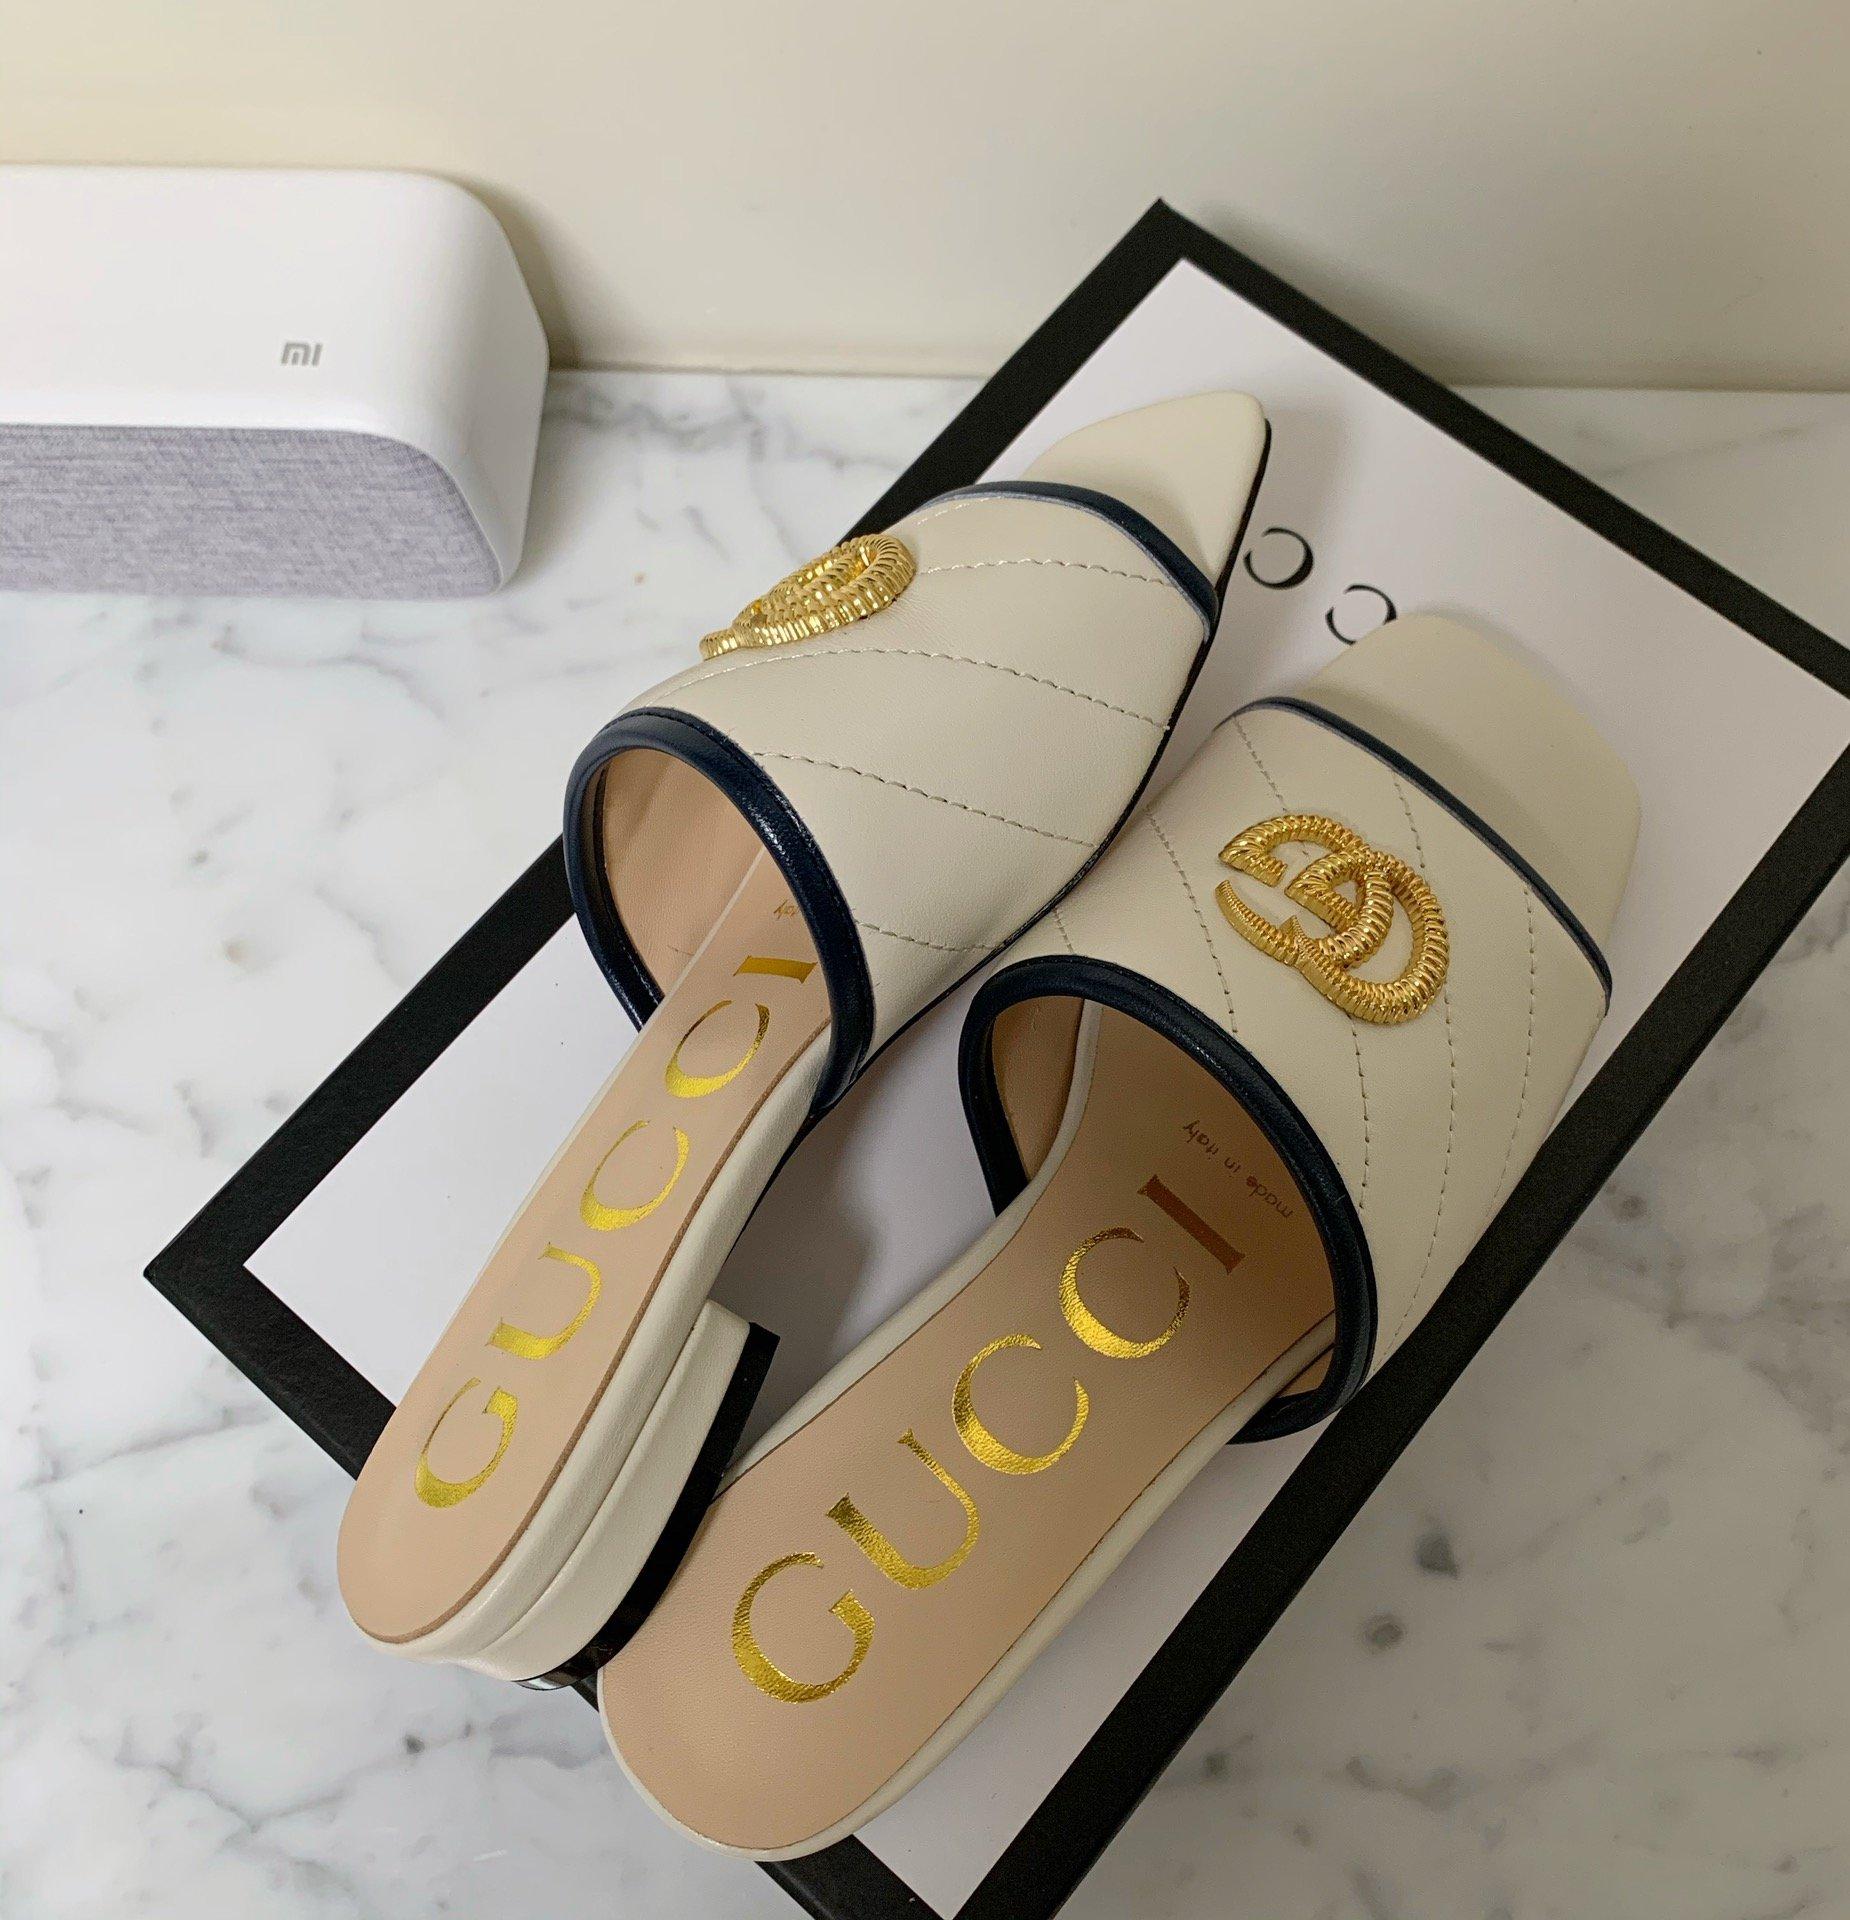 Gucci最新款方头粗跟凉拖鞋经典马